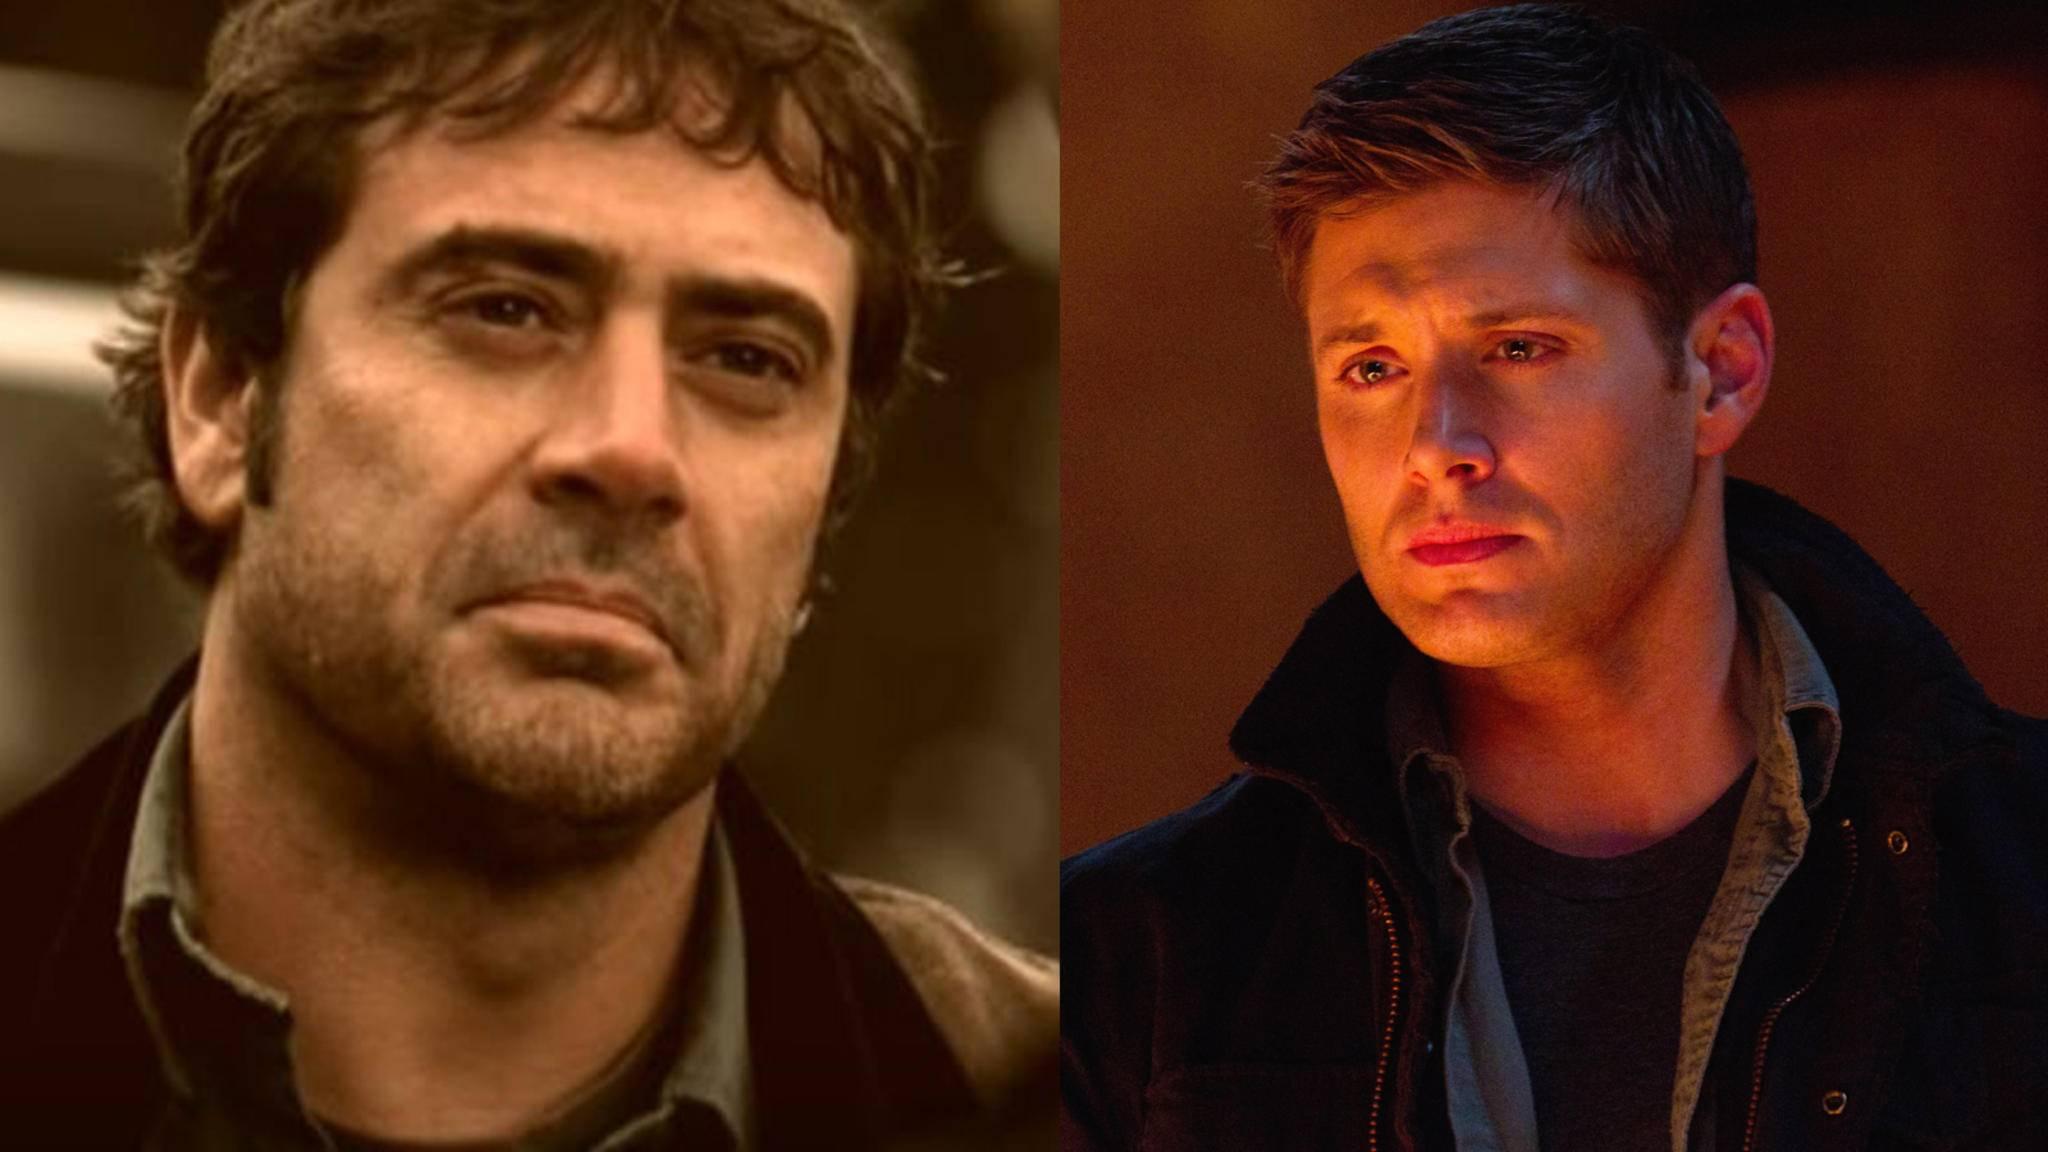 """John und Dean Winchester aus """"Supernatural"""" könnten im wahren Leben auch Brüder sein."""